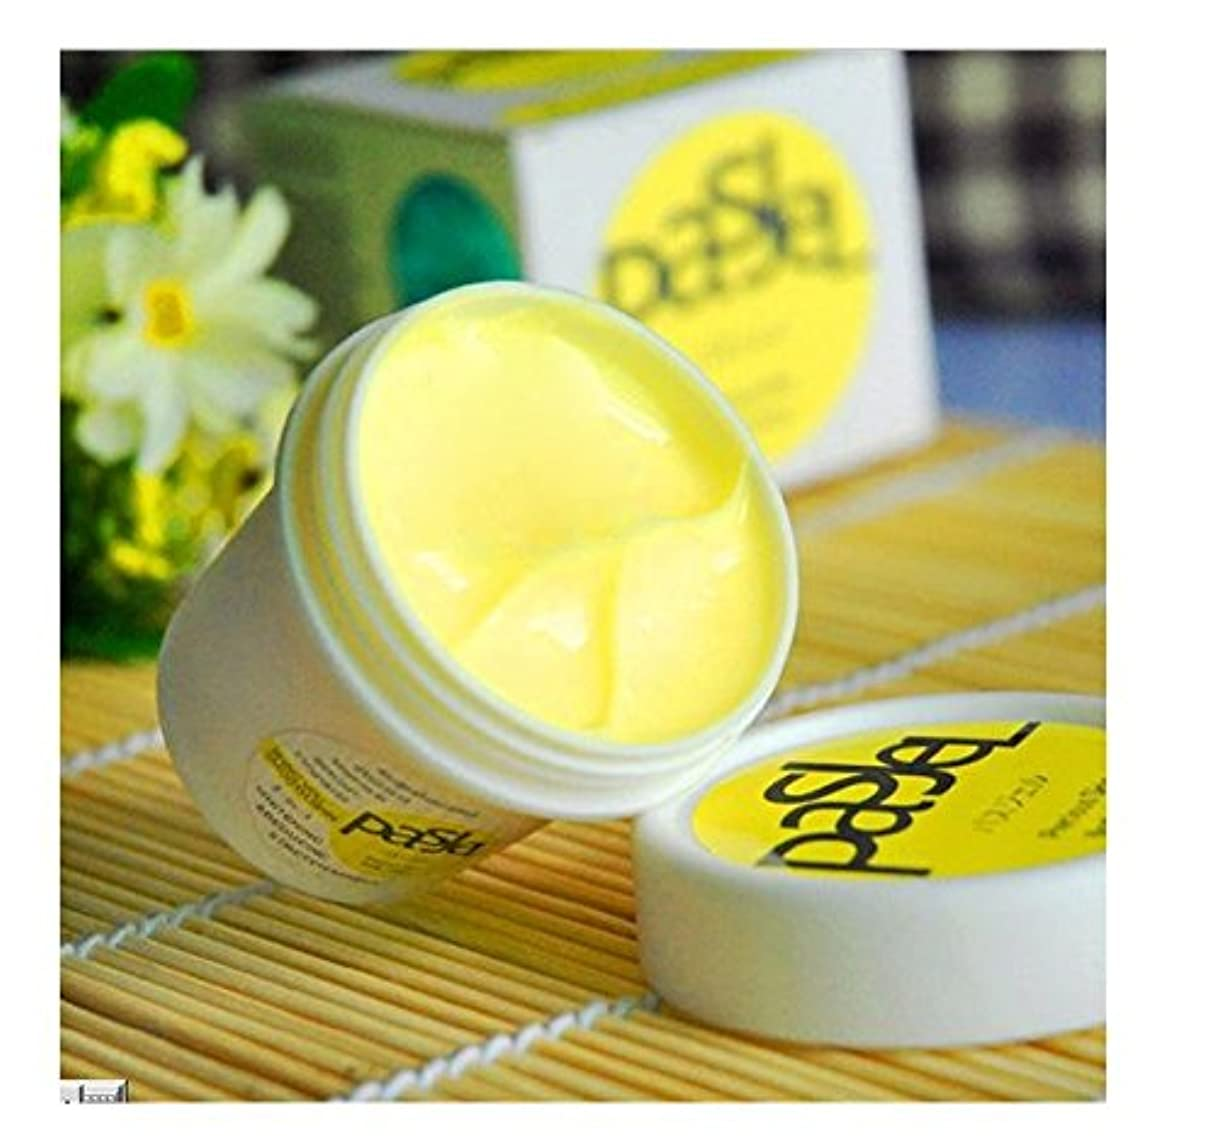 カビ資格情報ここにPasjel Precious Skin Body Cream Eliminate Stretch Mark for Whitening Skin 50 Ml by Pasjel [並行輸入品]